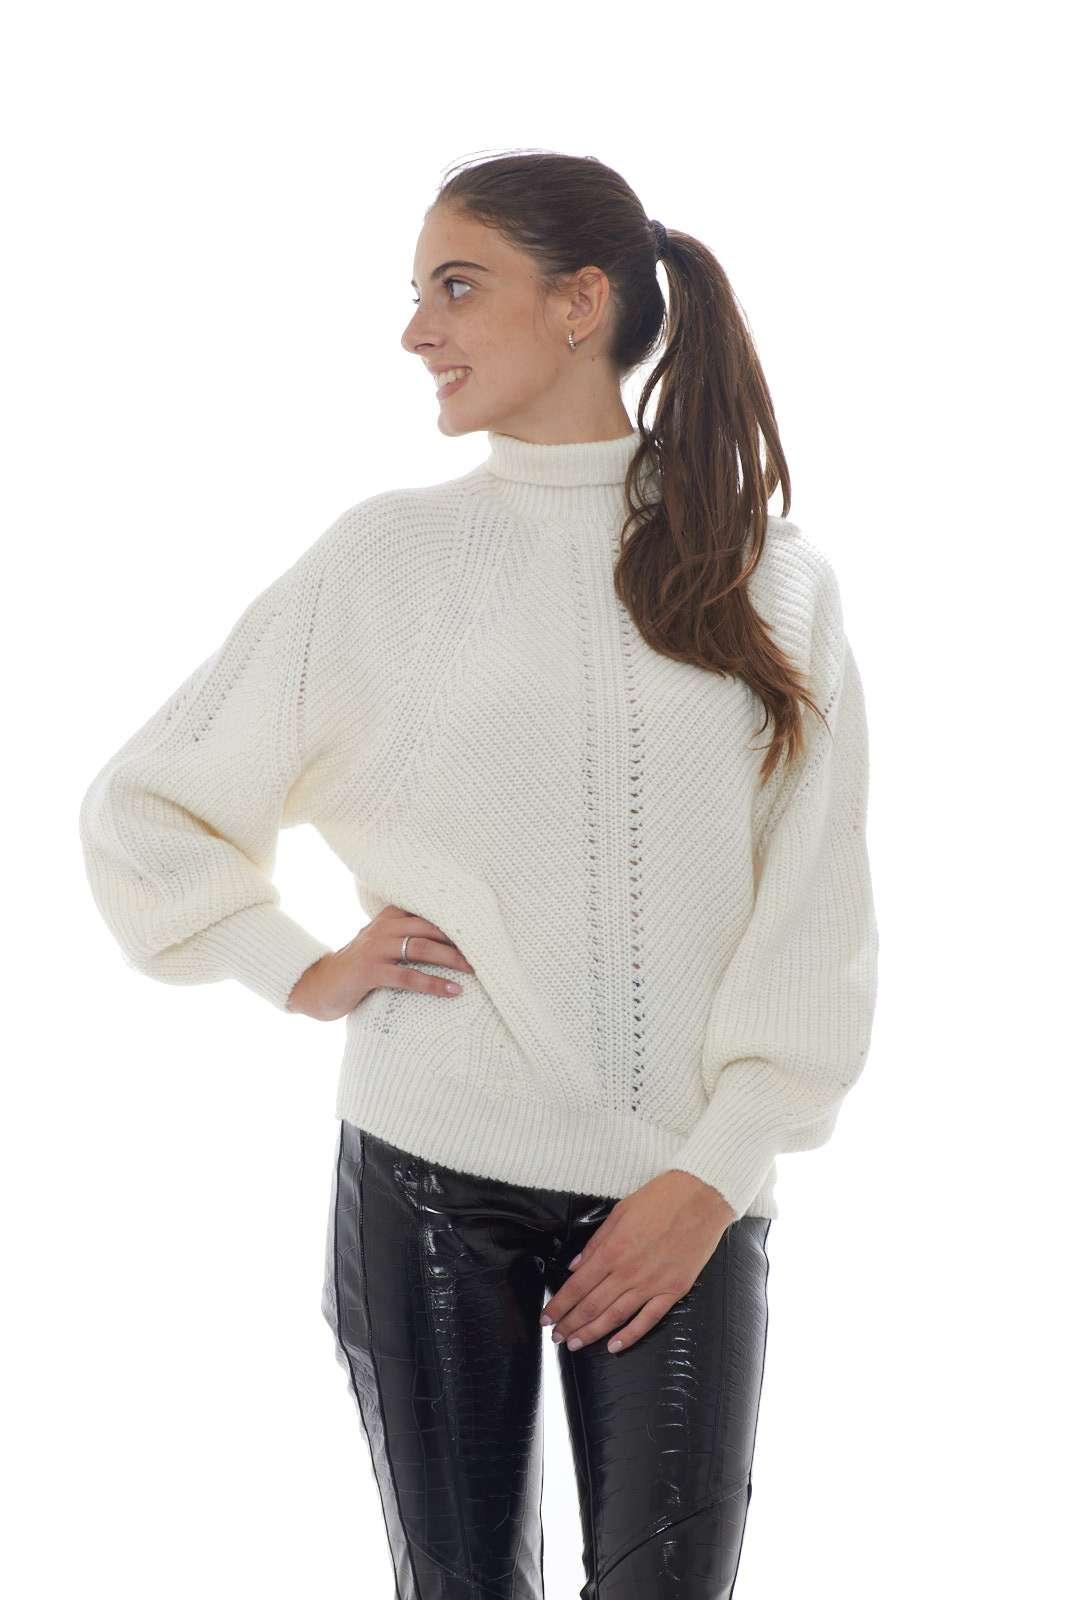 Una maglia lavorata a costa inglese dalla vestibilità leggermente oversize la MEGA MIX firmata Pinko. Il filato in misto mohair conferisce calore ed un effetto glamour ad un capo evergreen. Un essential della moda donna da abbinare ad ogni look.